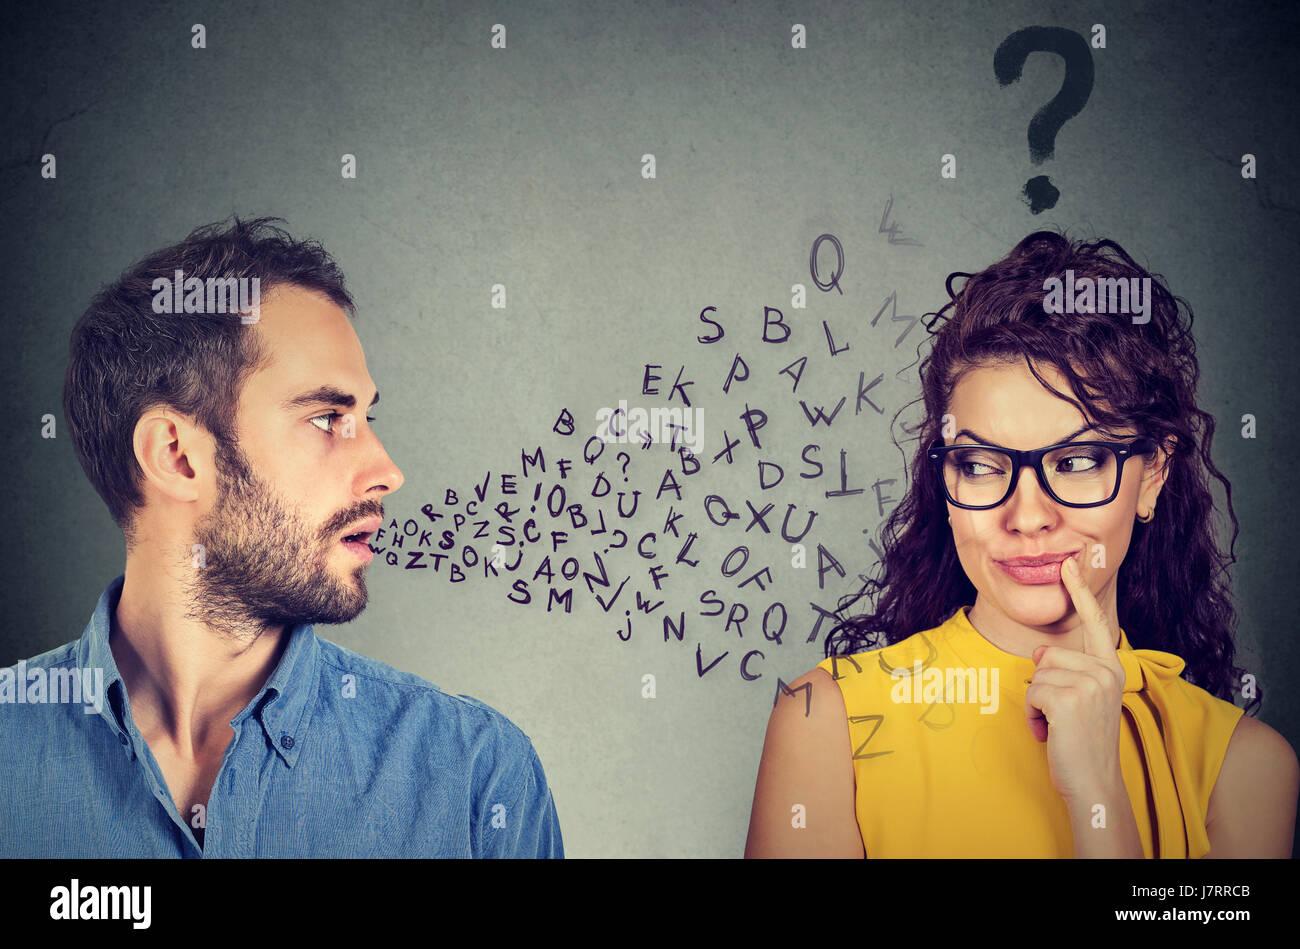 Sprache-Barriere-Konzept. Gutaussehenden Mann im Gespräch mit einer attraktiven jungen Frau mit Fragezeichen Stockbild